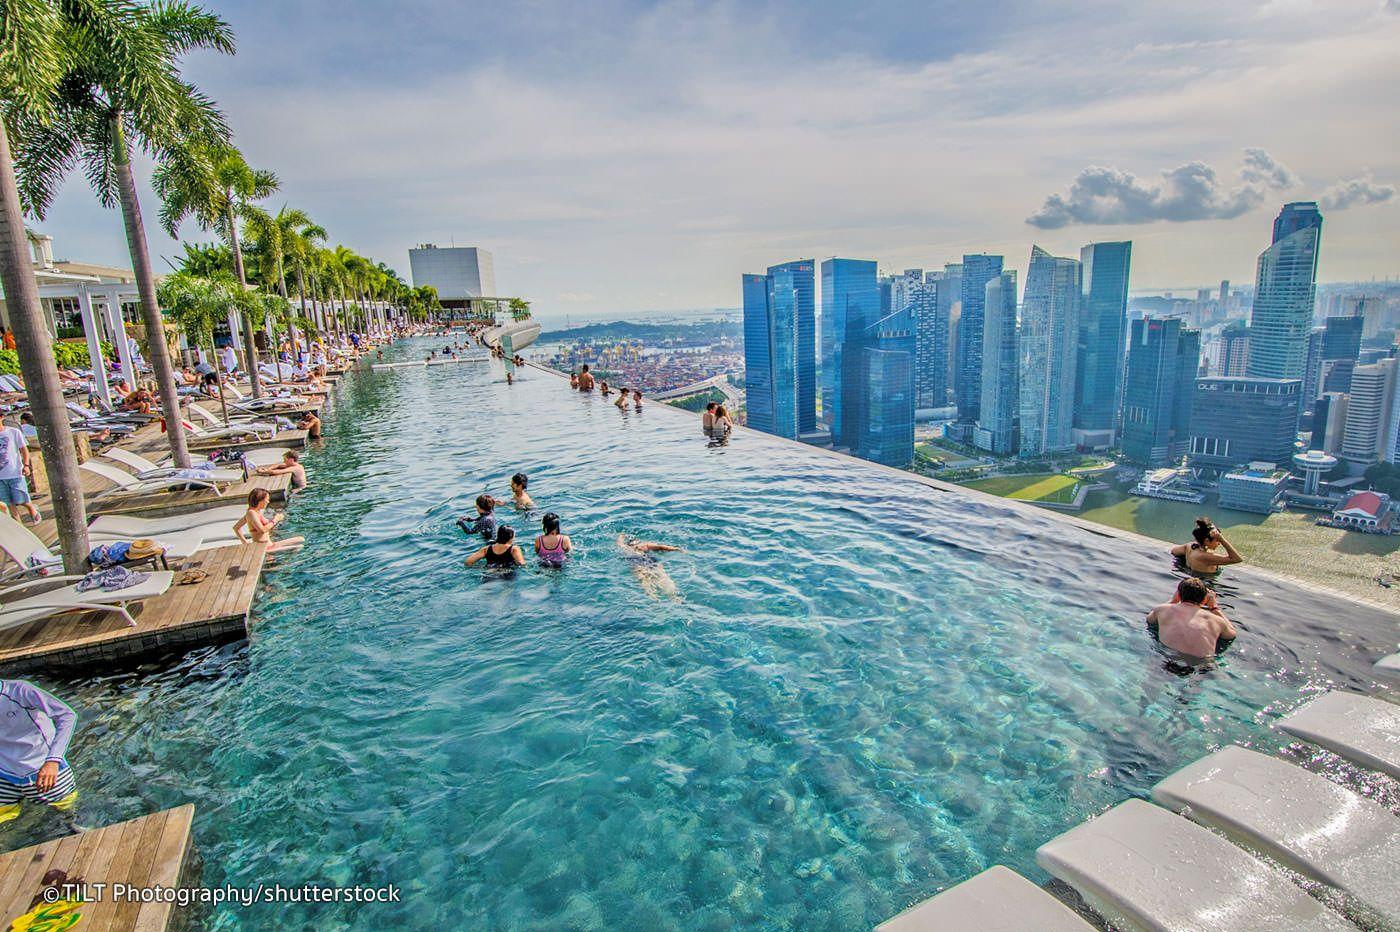 Piscina Sul Tetto.Marina Bay Singapore Piscina Sul Tetto Piscine Vacanze